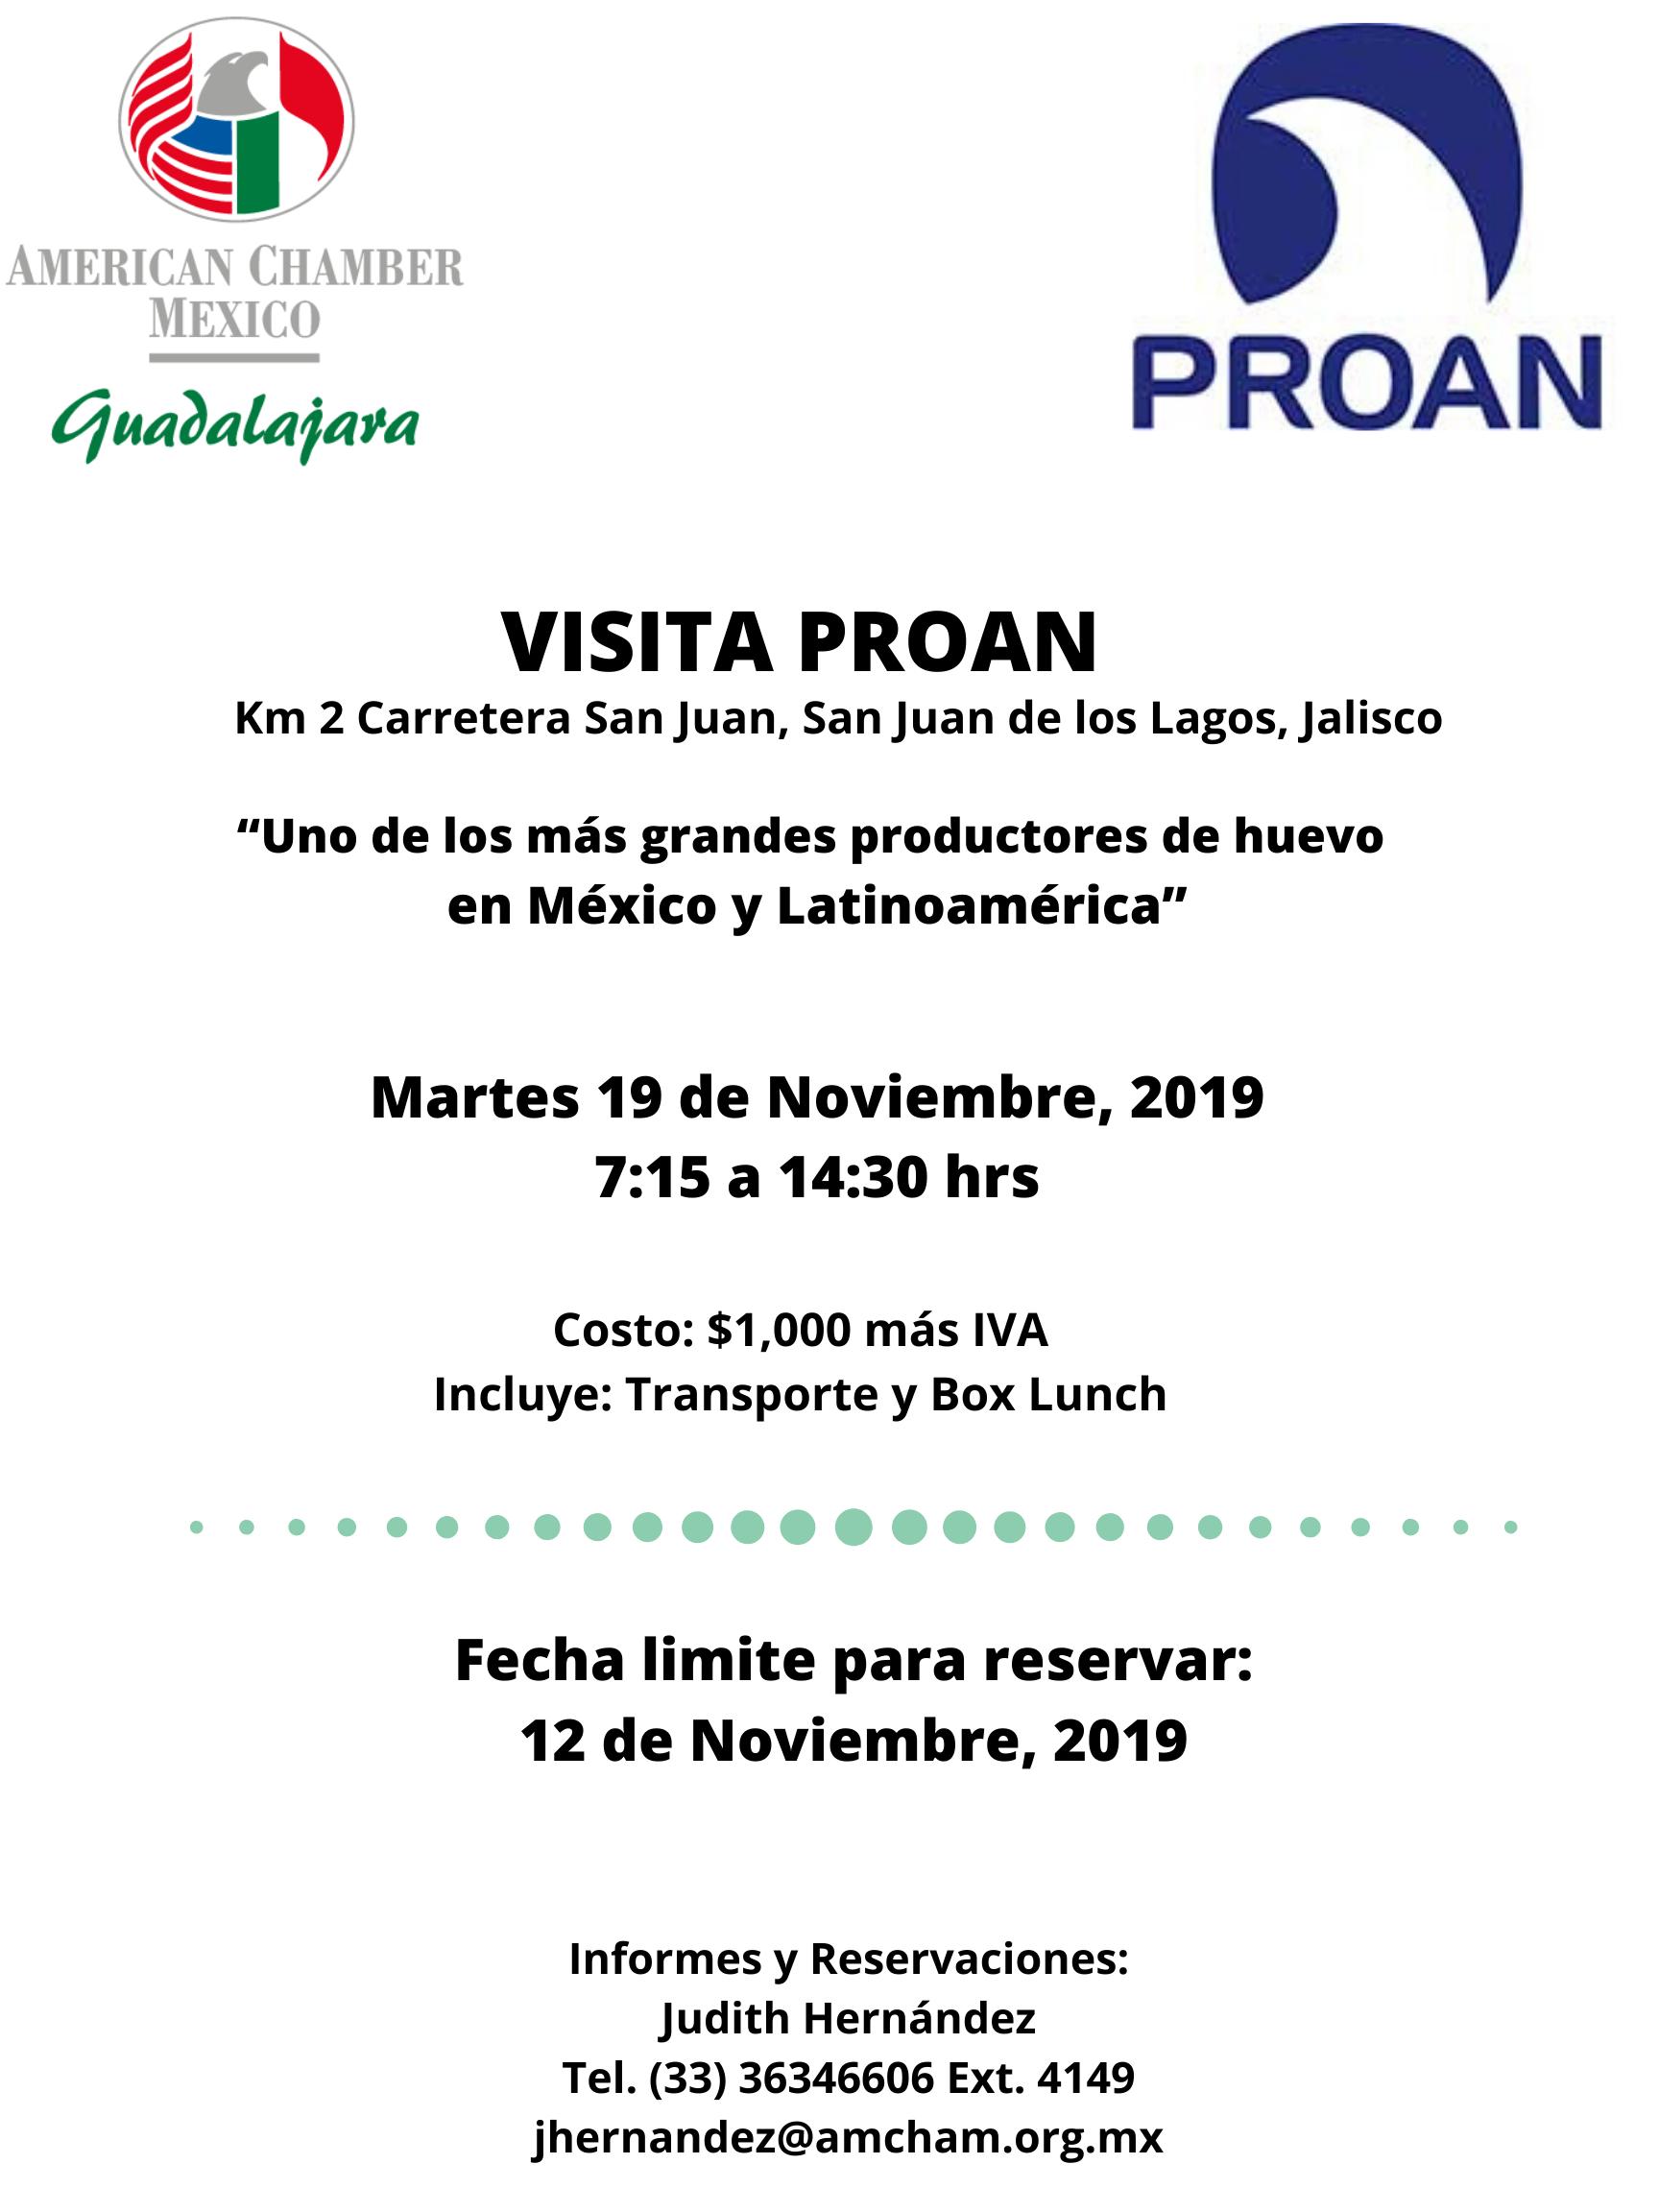 GDL-VISITA A PROAN, Noviembre 19, 2019